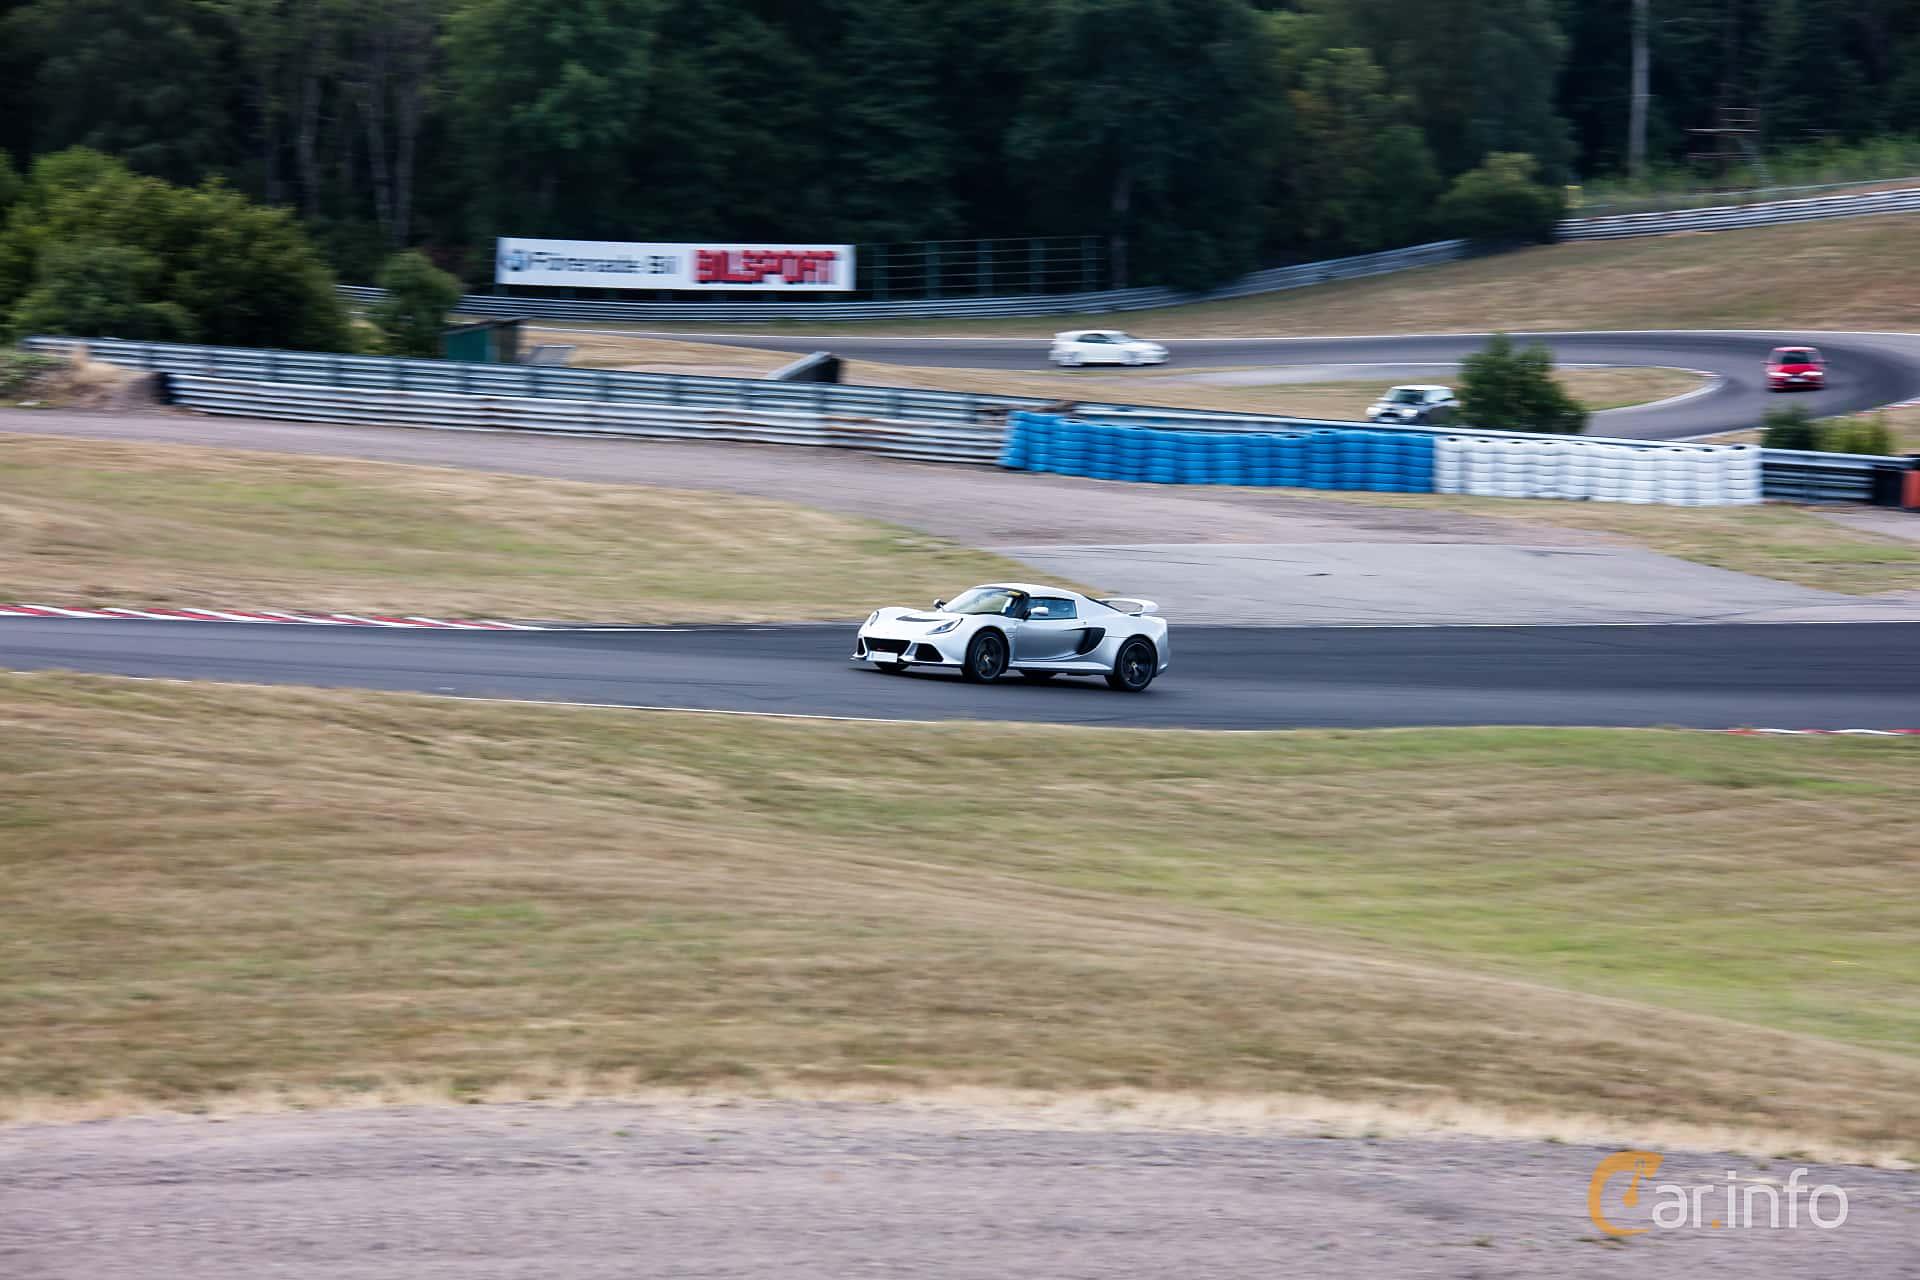 Lotus Exige S 3.5 V6 VVT-i Manual, 350hp, 2014 at JapTuning Trackday 2018 Knutstorp